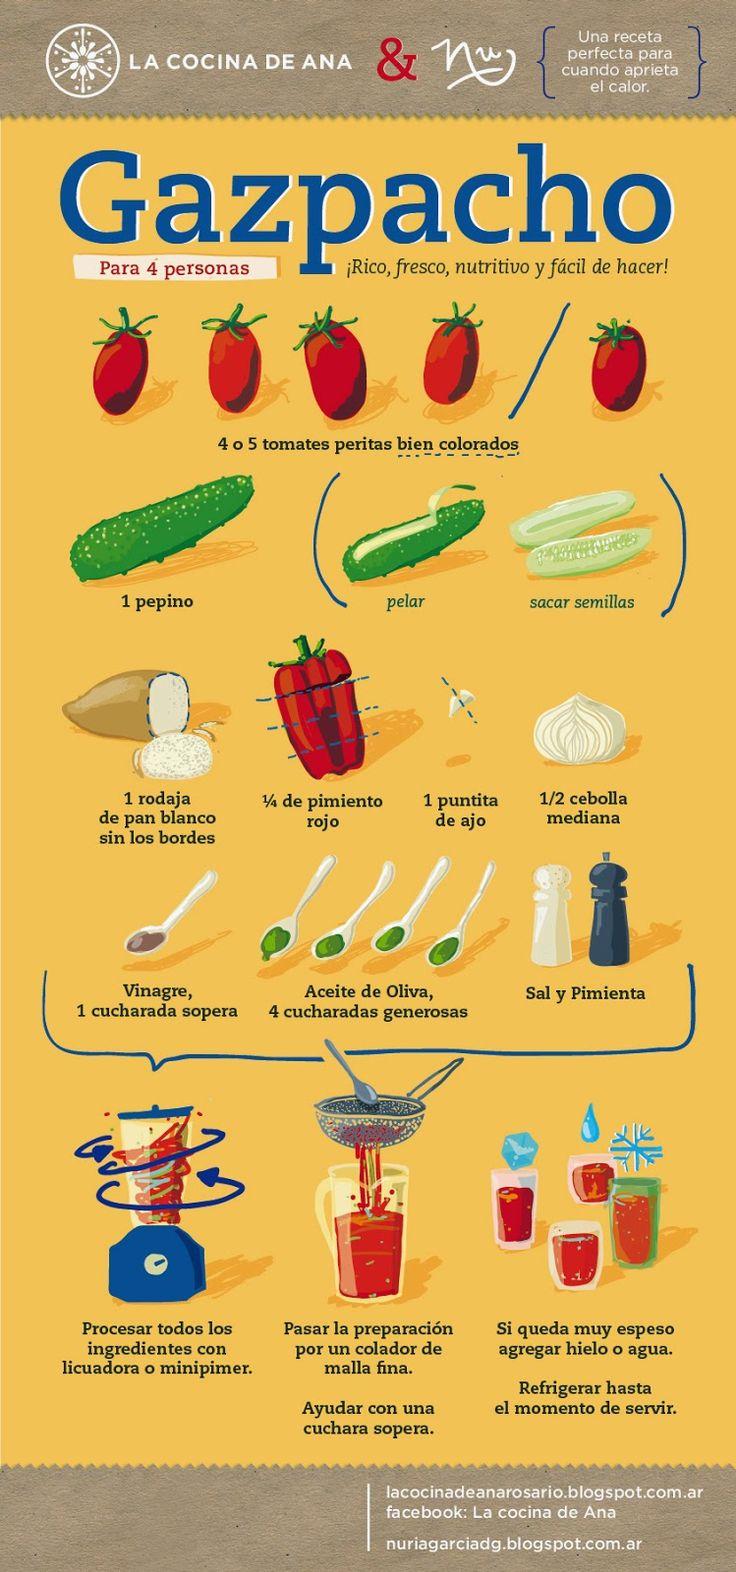 ¿Cómo se prepara gazpacho?